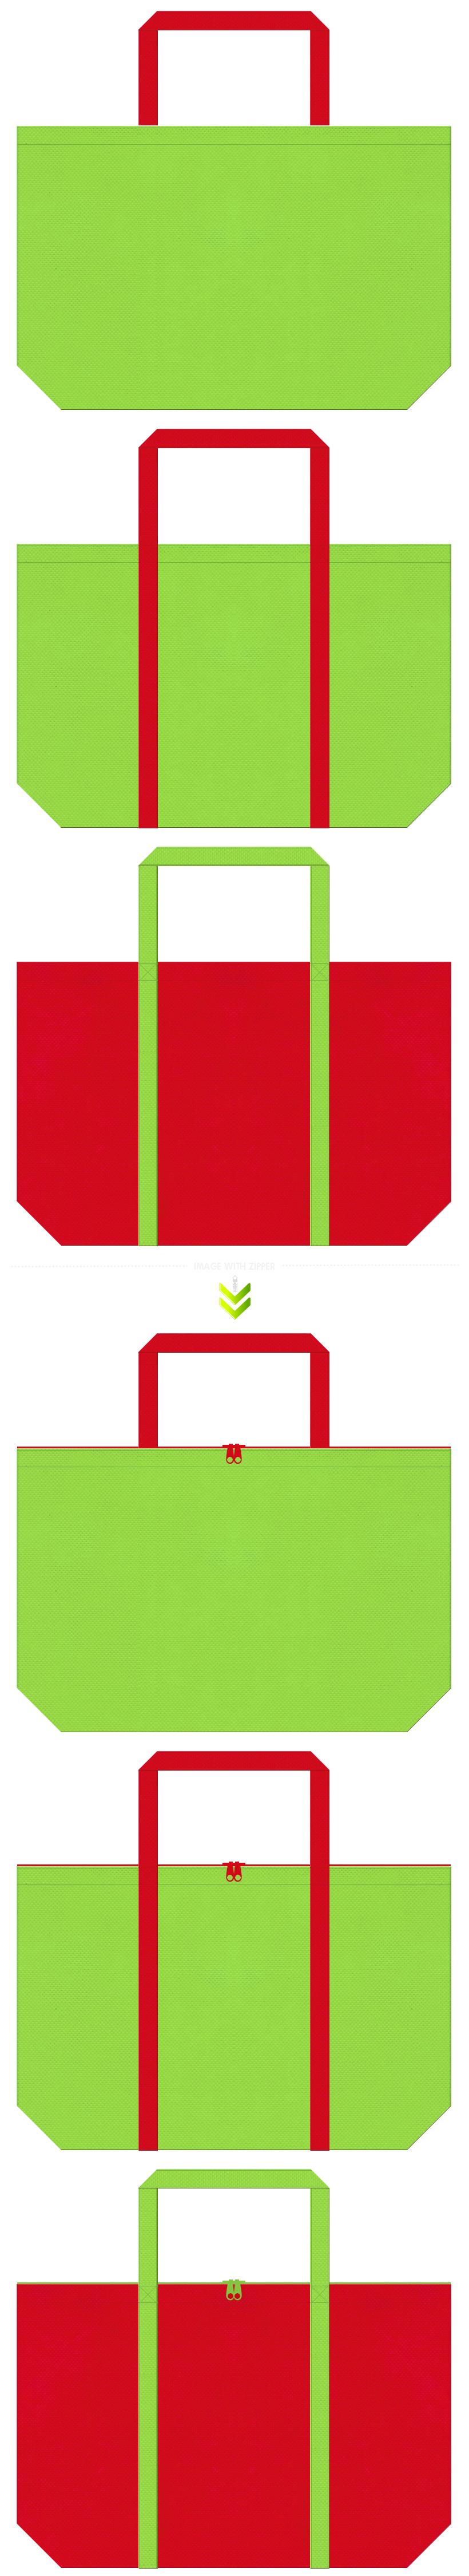 茶会・野点傘・琴演奏会・和風庭園・和風催事にお奨めの不織布バッグデザイン:黄緑色と紅色のコーデ